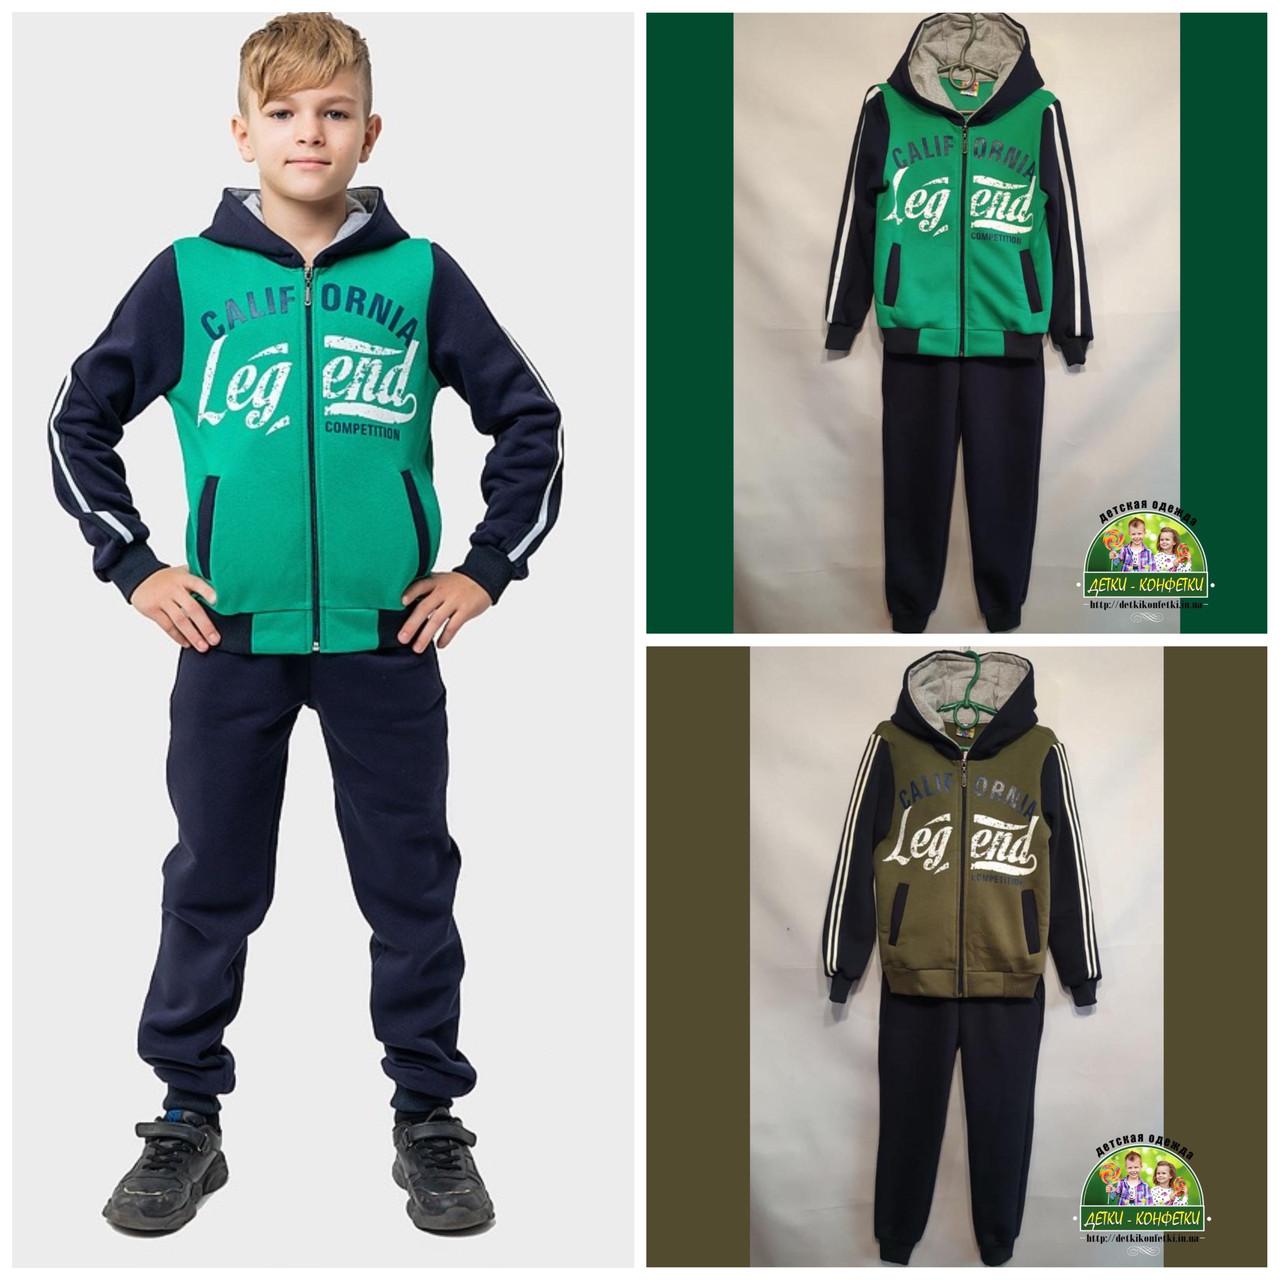 Теплый спортивный костюм для мальчика, различные цвета